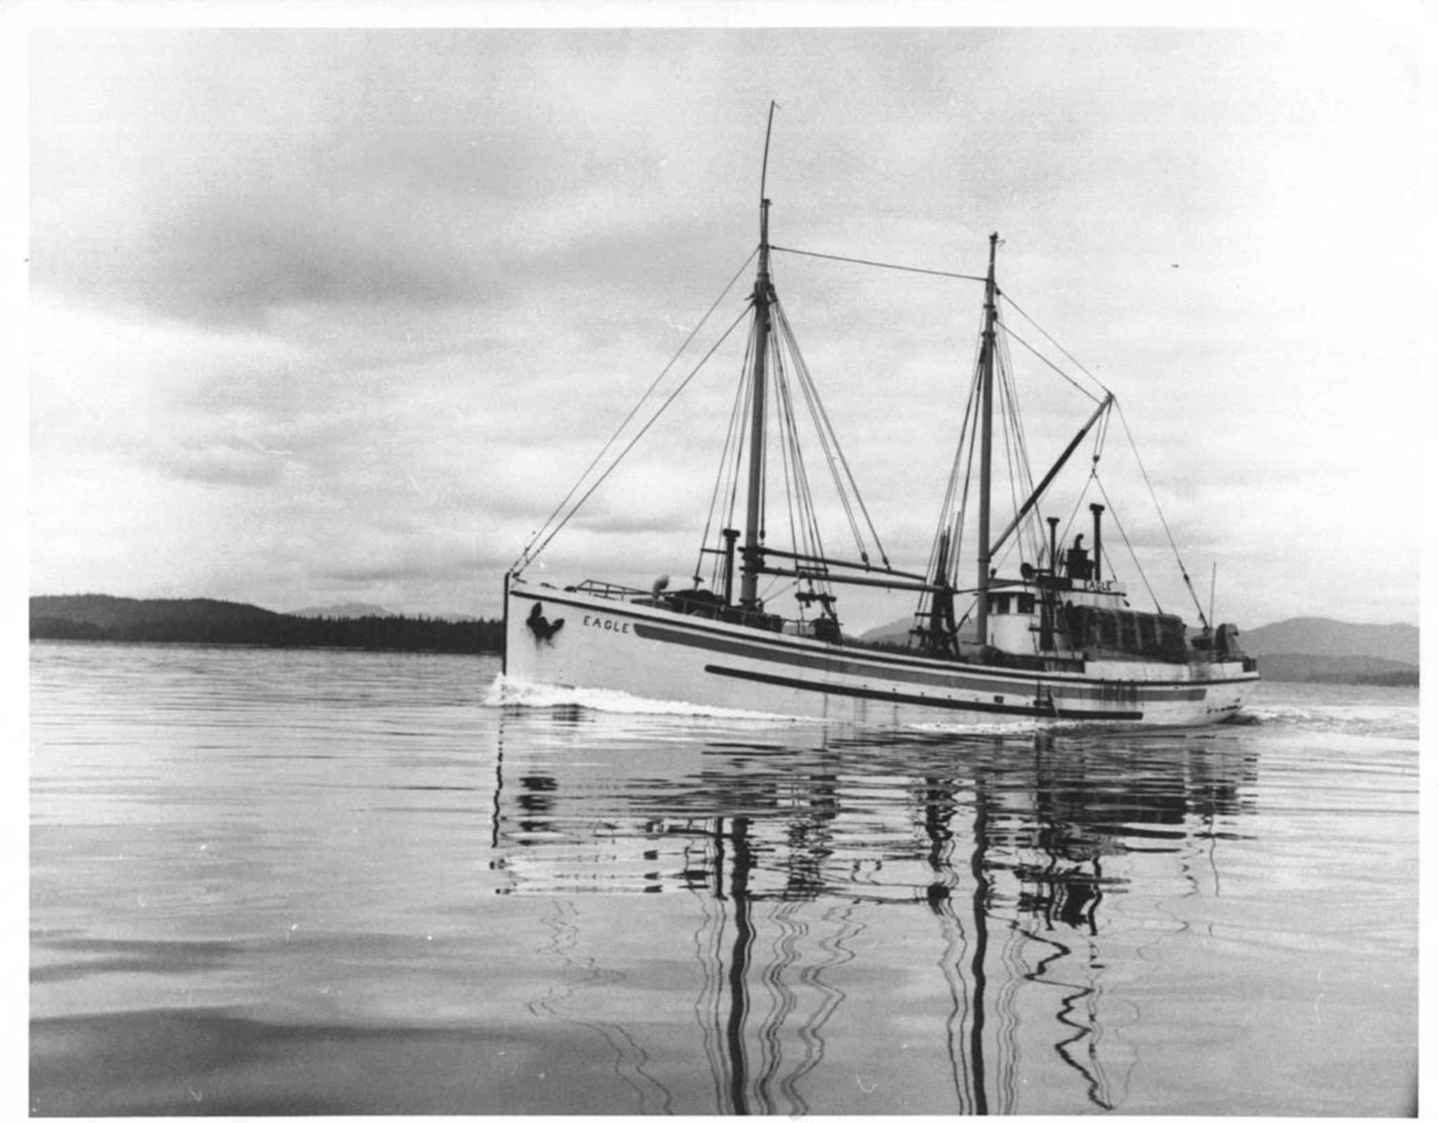 a fishing schooner